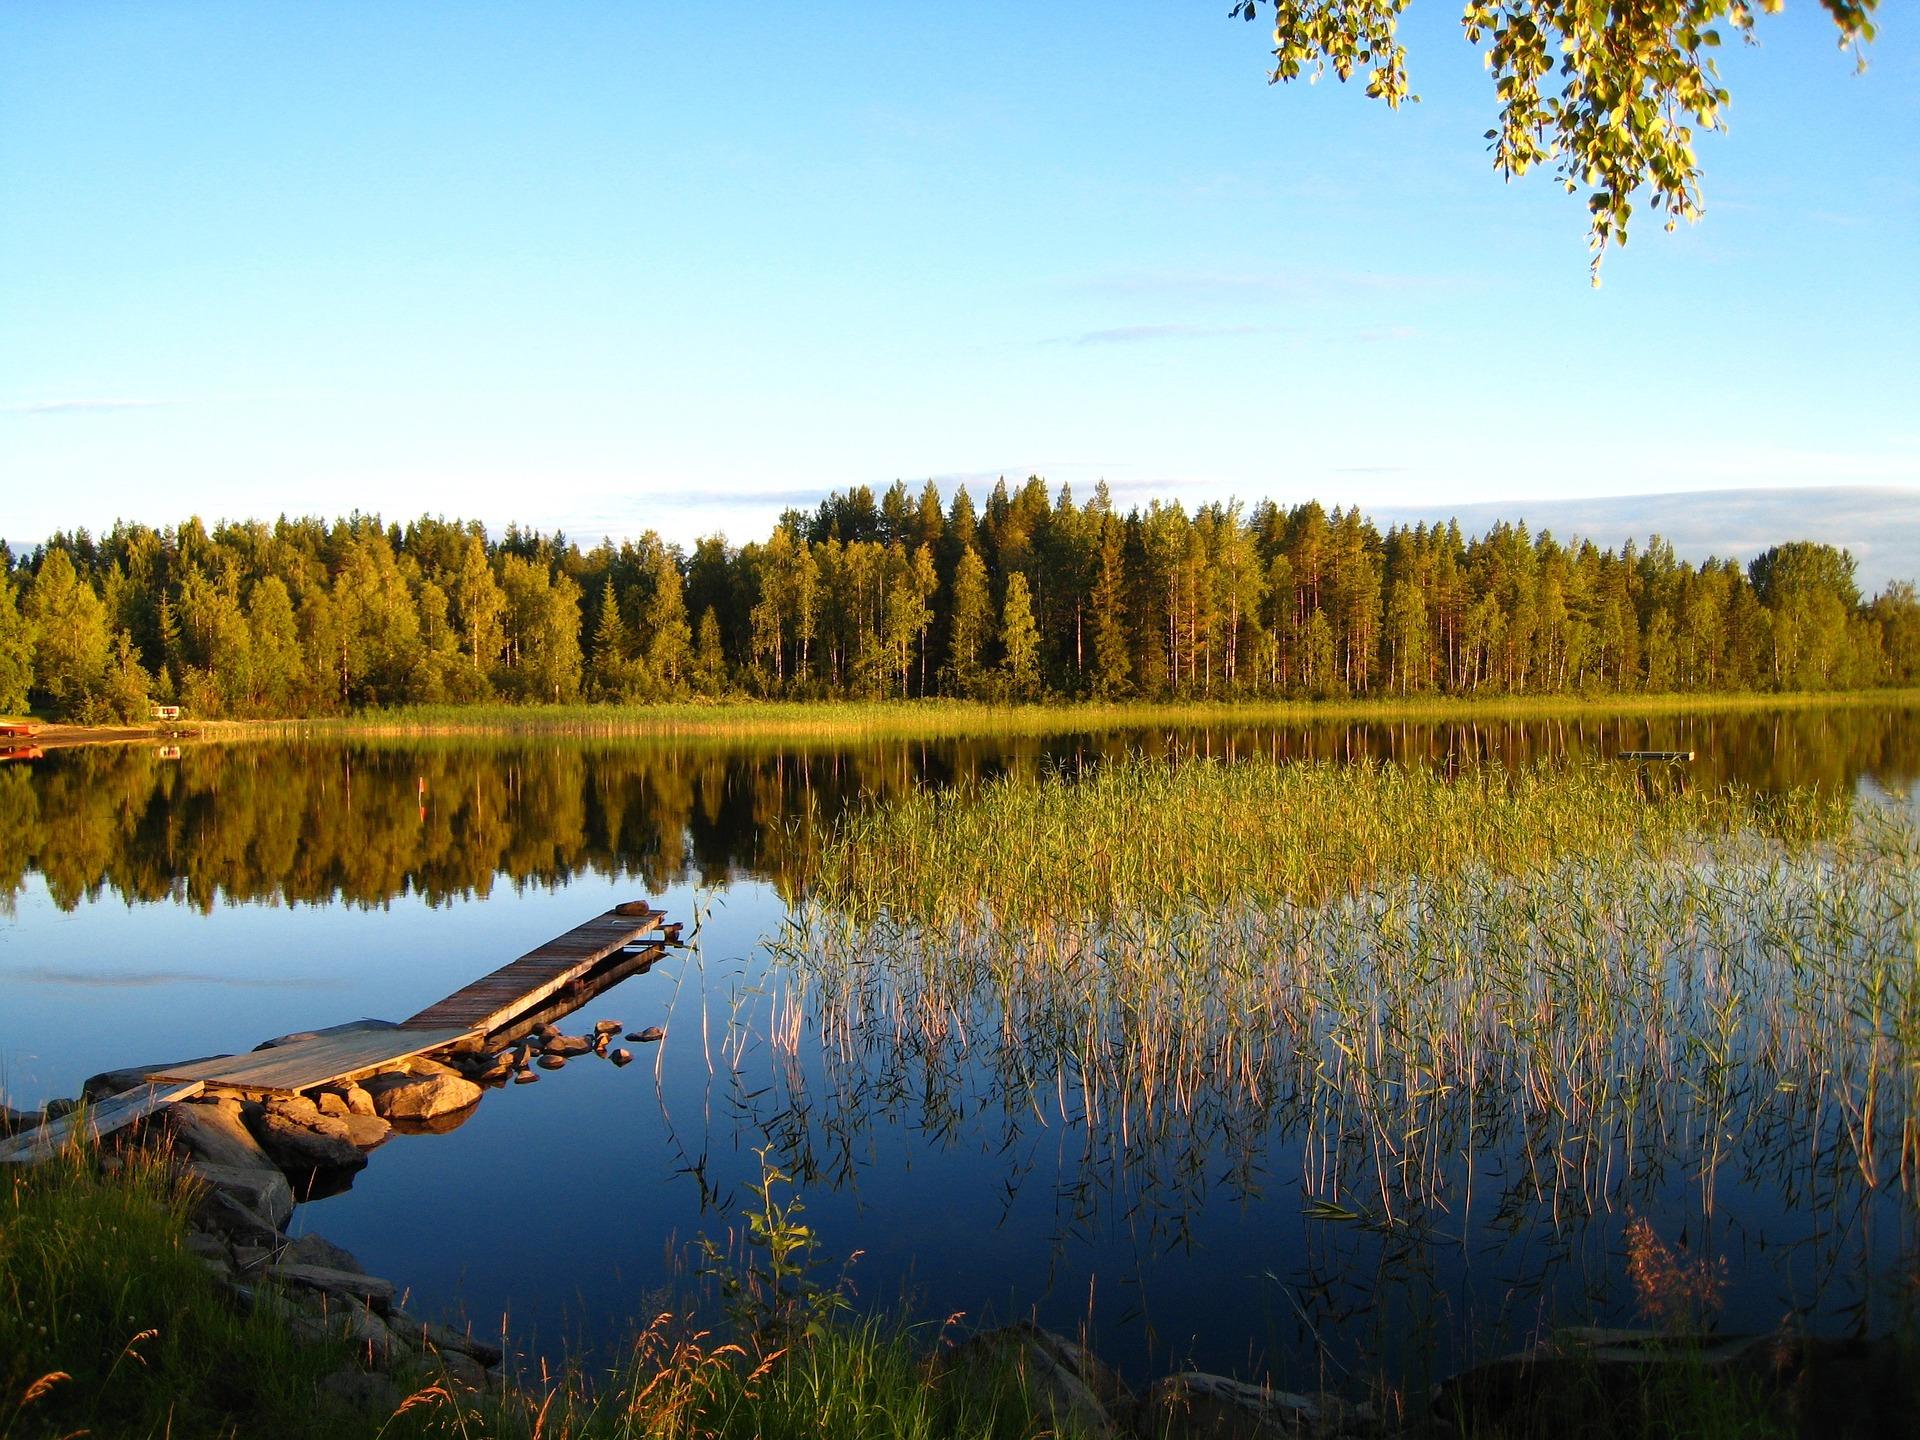 lake-1807725_1920